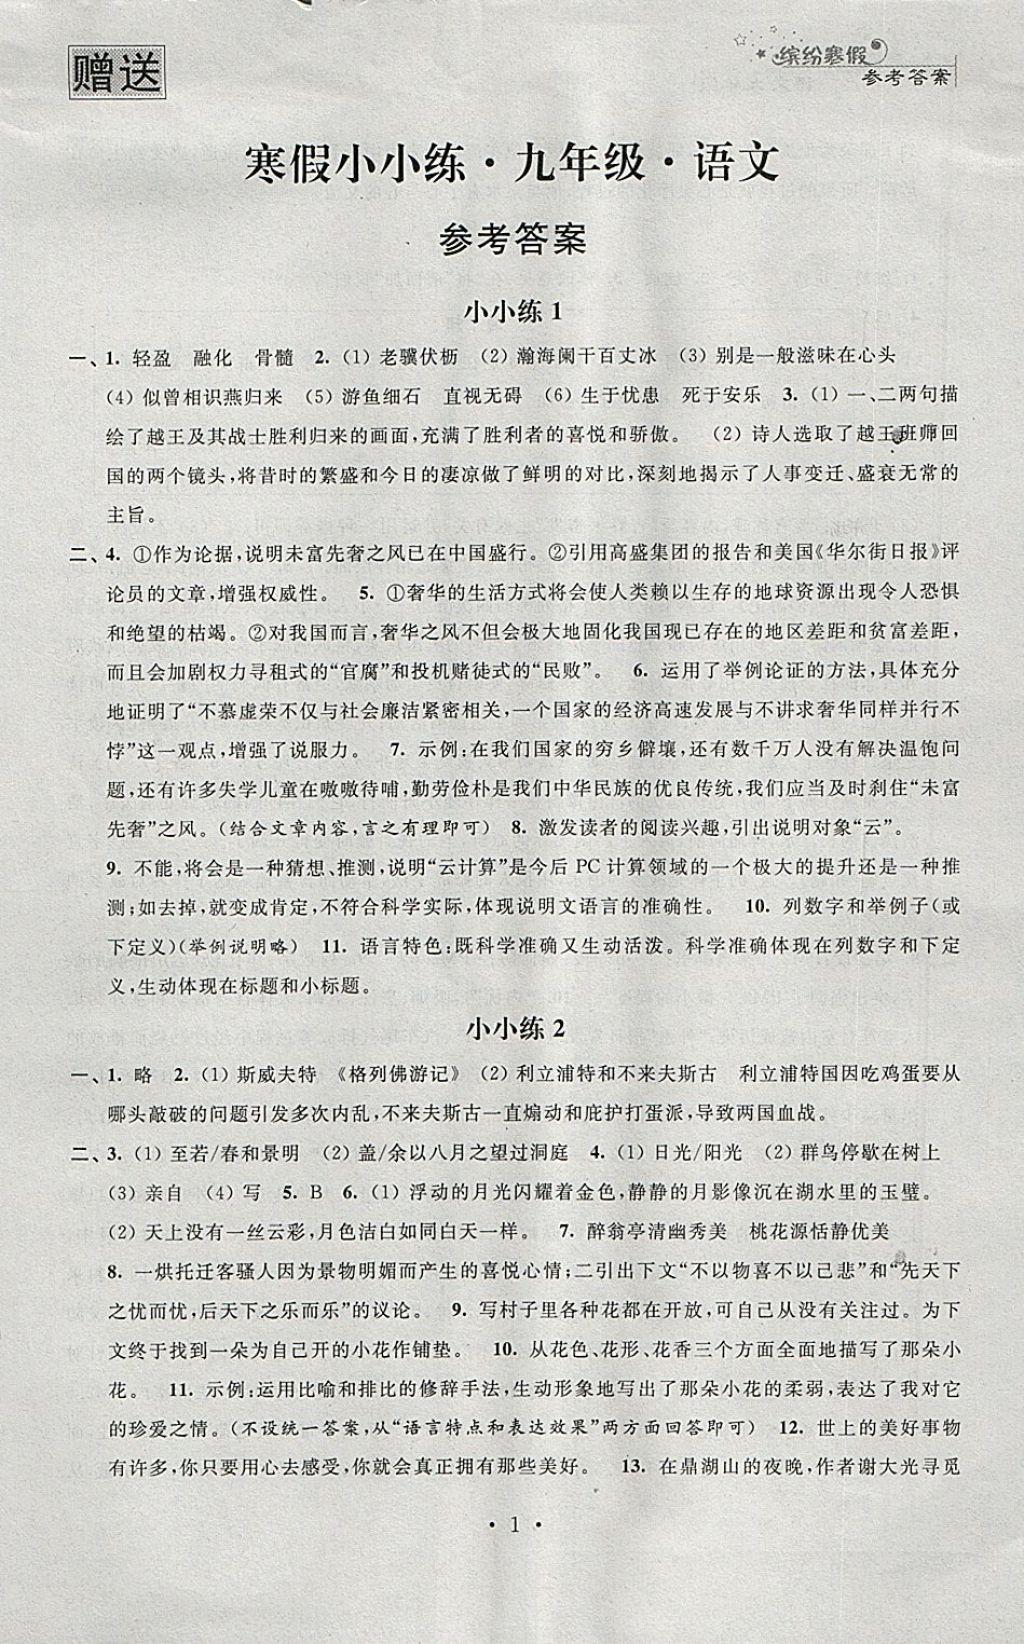 2019年寒假小小练寒假作业九年级语文数学英语物理化学合订本第1页